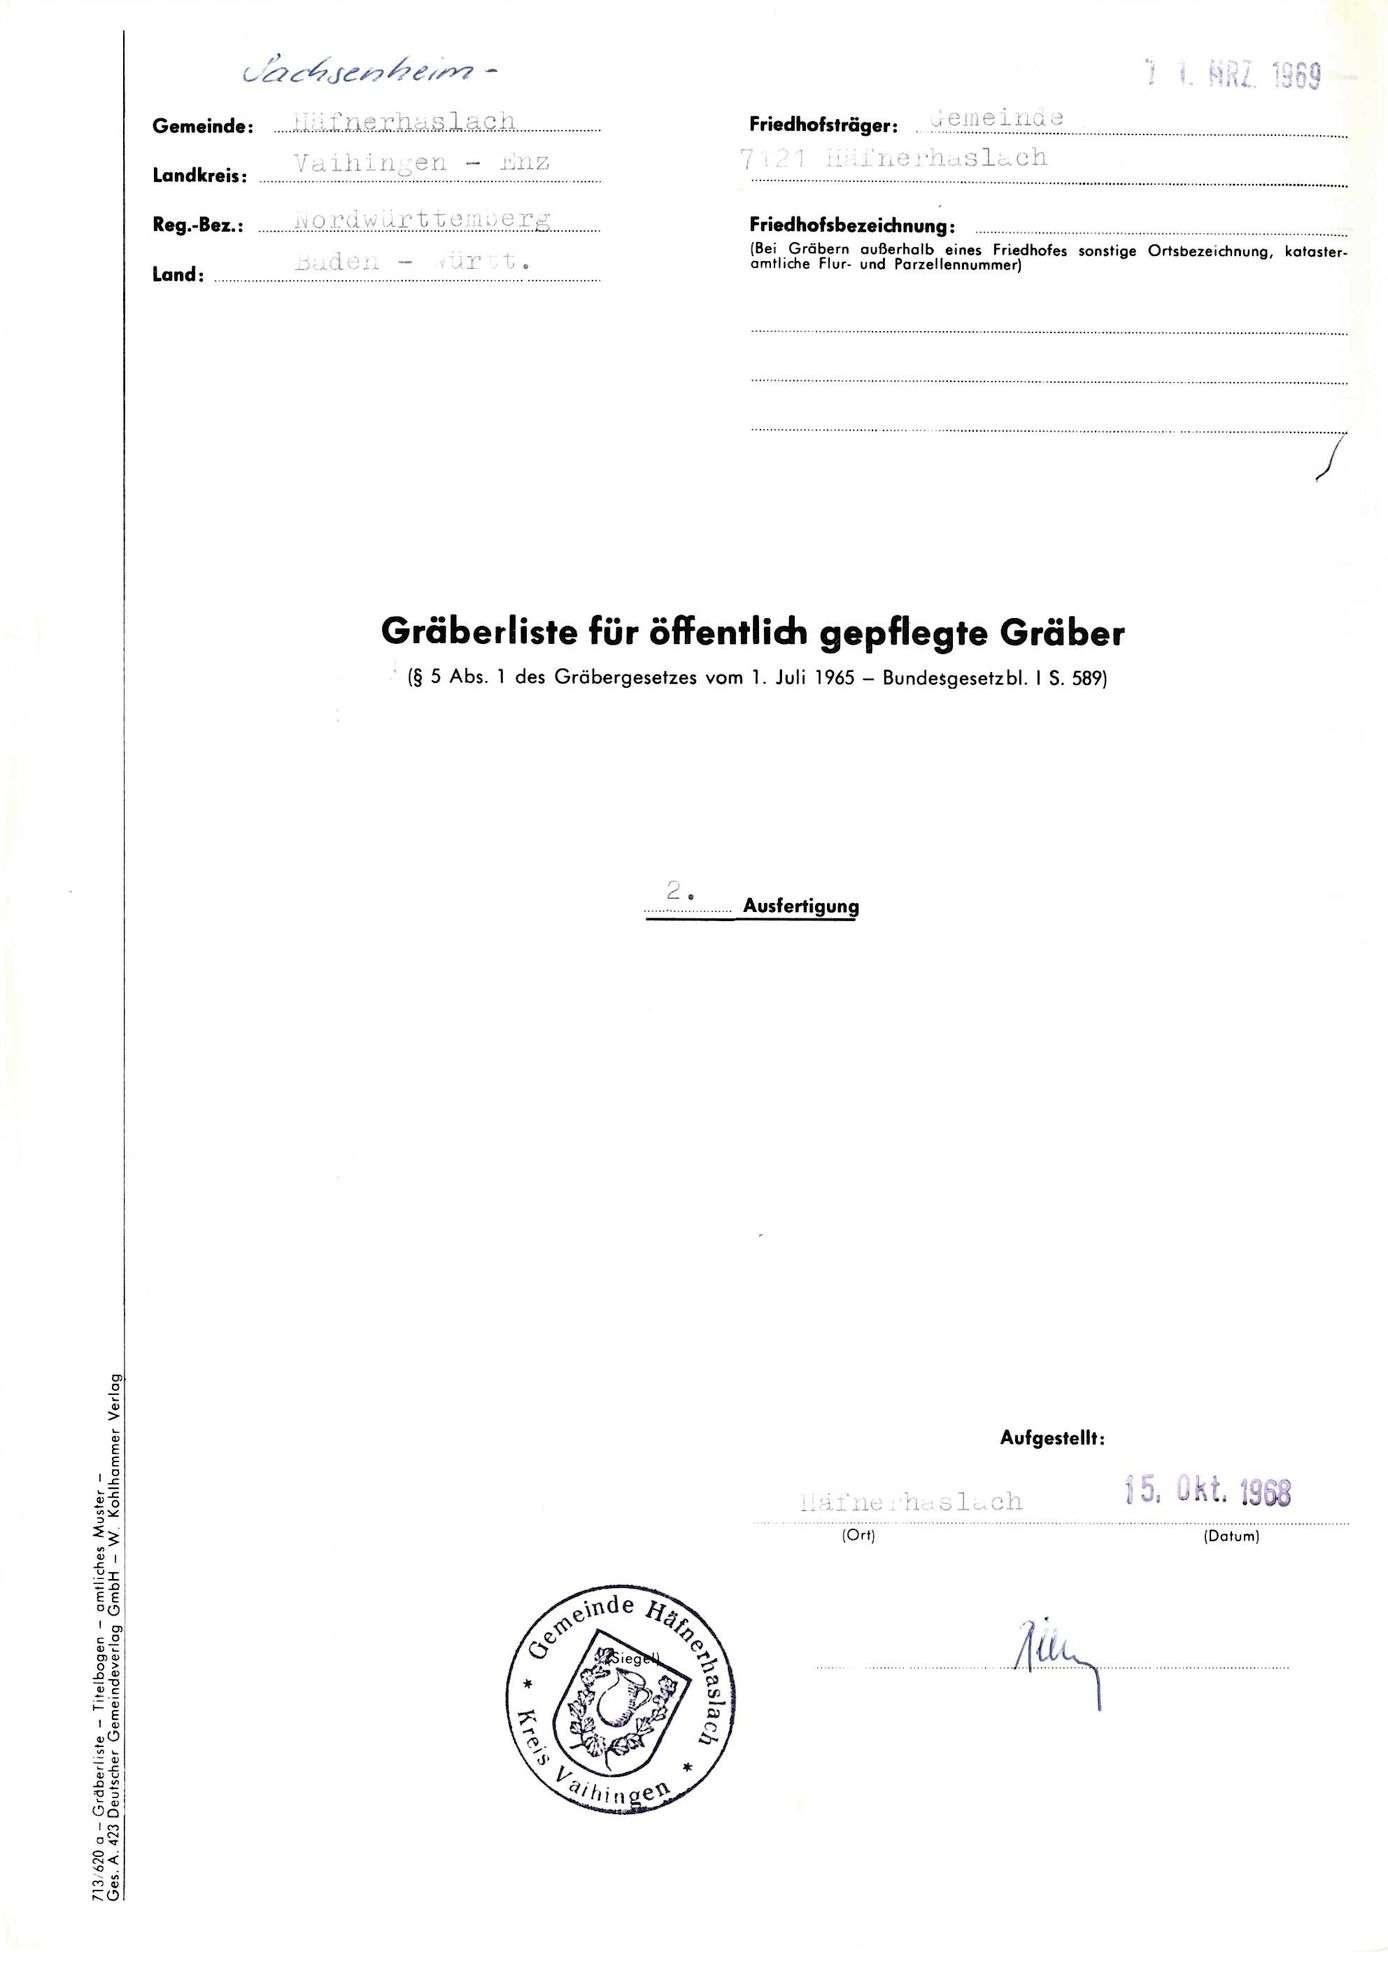 Häfnerhaslach, Bild 1